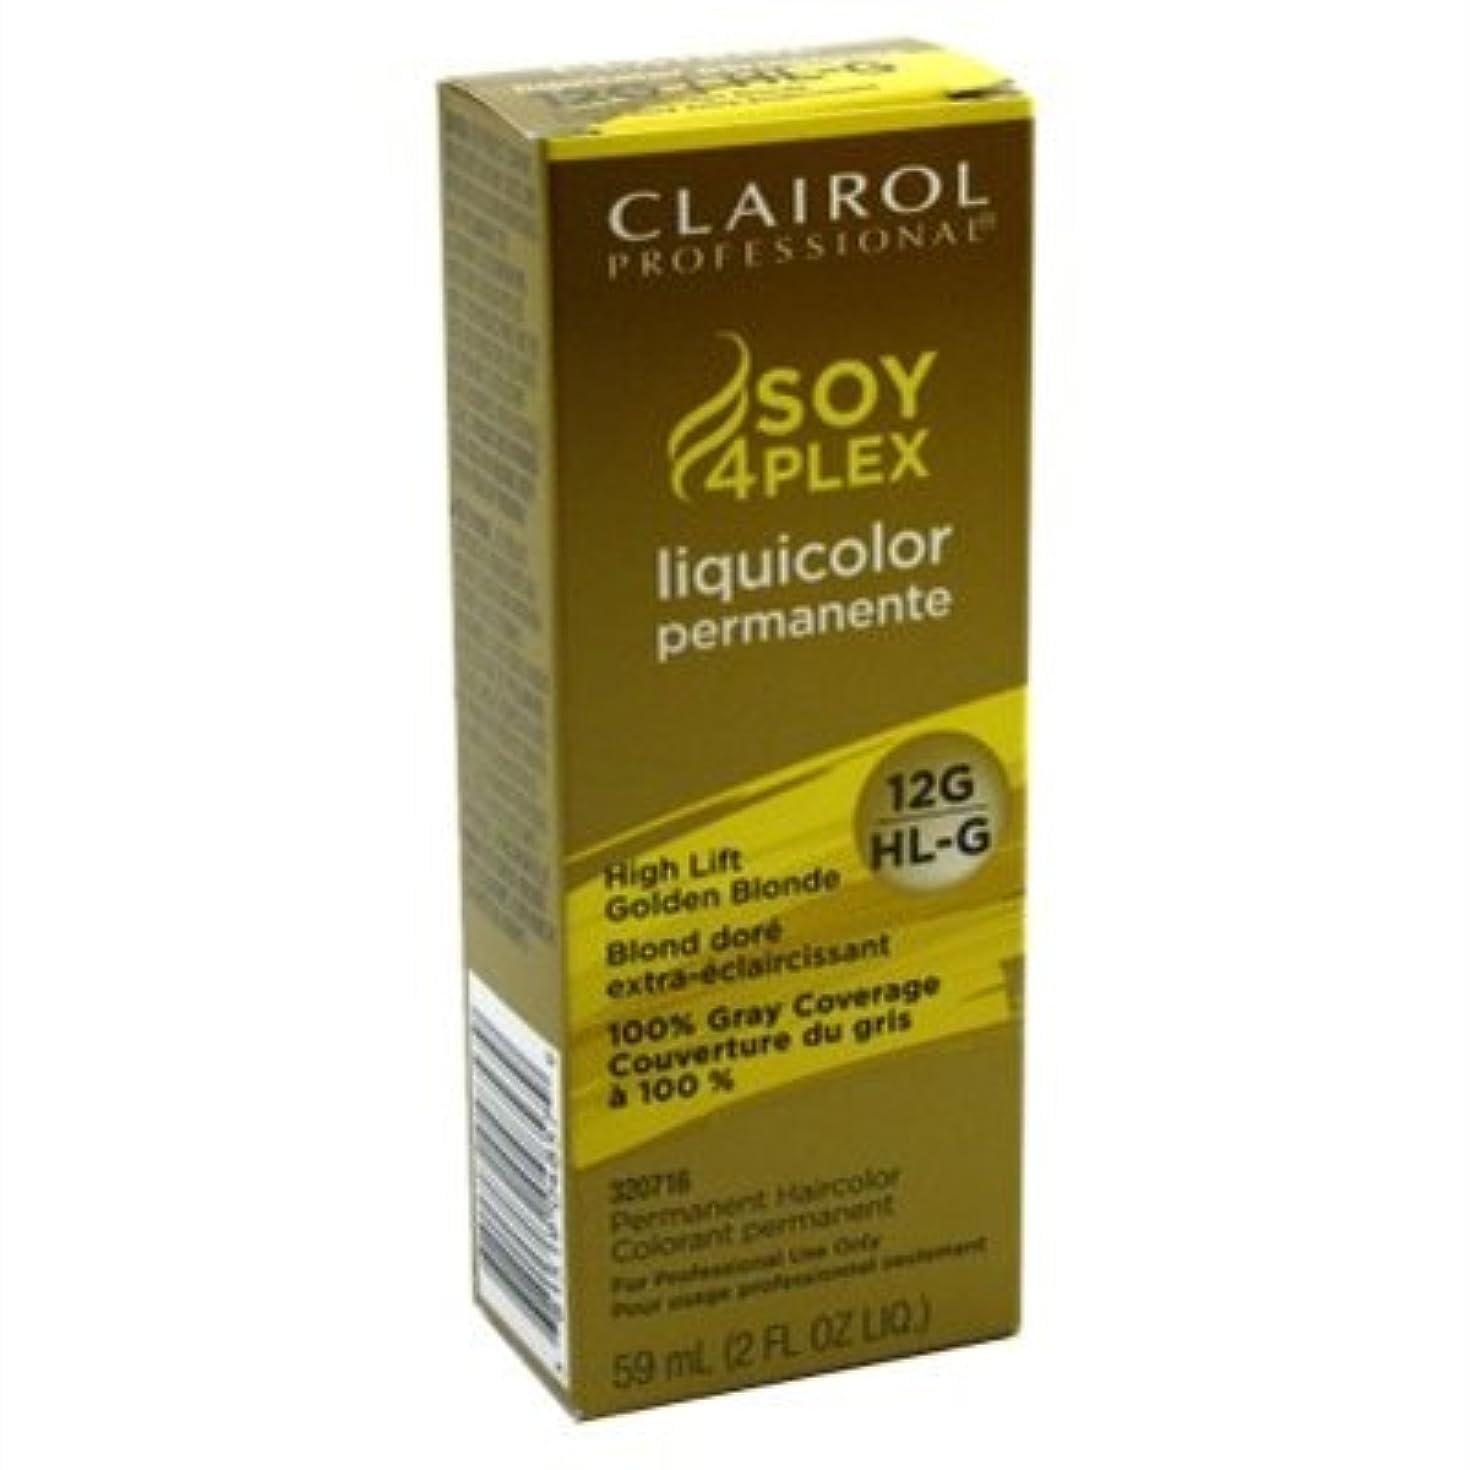 副わずかな下品Clairol プロLiquicolor永久12G / HL-G高リフトゴールデンブロンド2オンス(59Ml)(3パック)